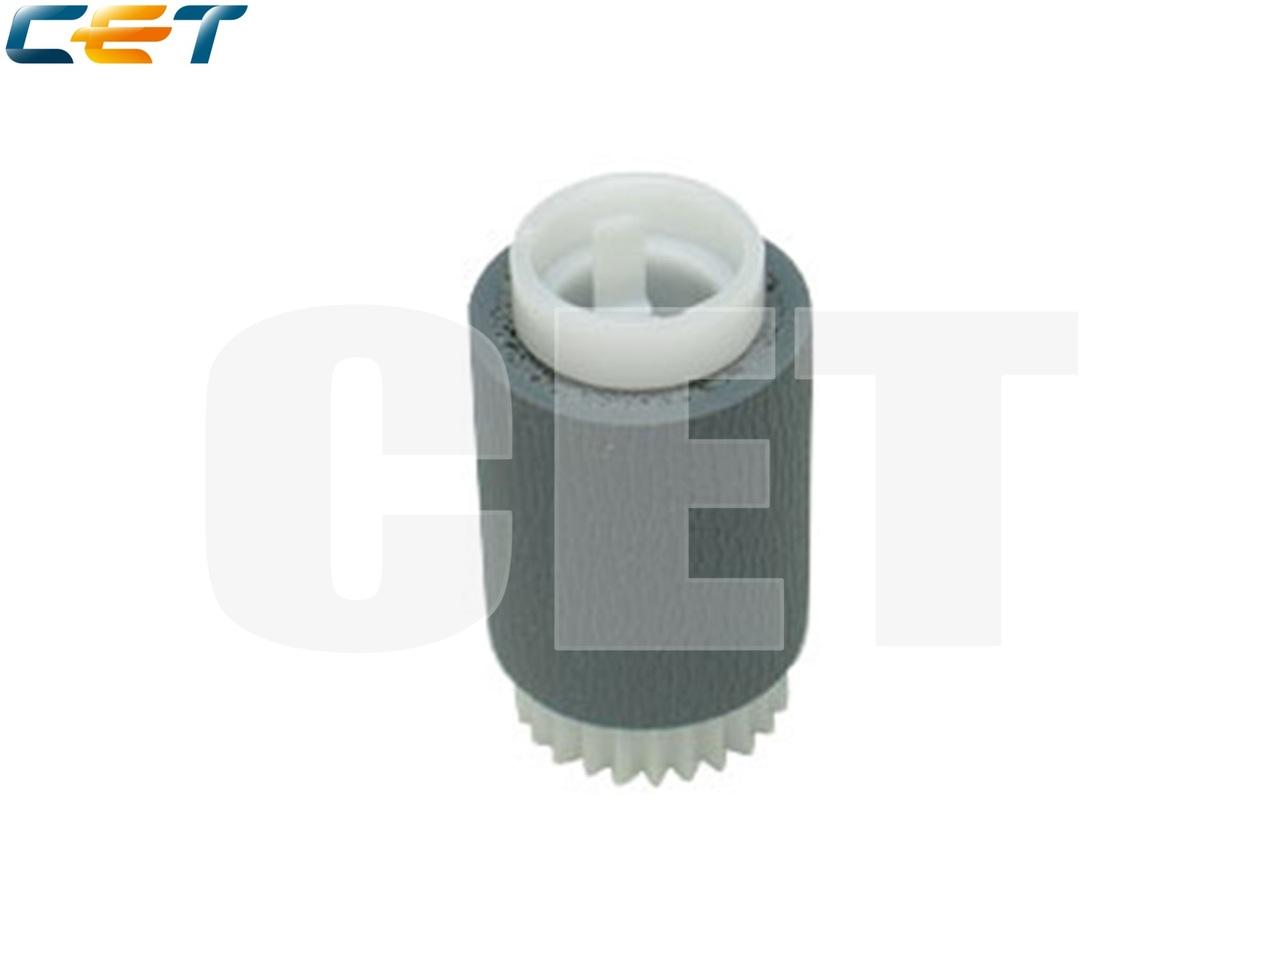 Ролик подхвата RM1-0036-000 для HP LaserJet4200/4300/4250/4350/5200, M604/M605/M606 (CET), CET1067